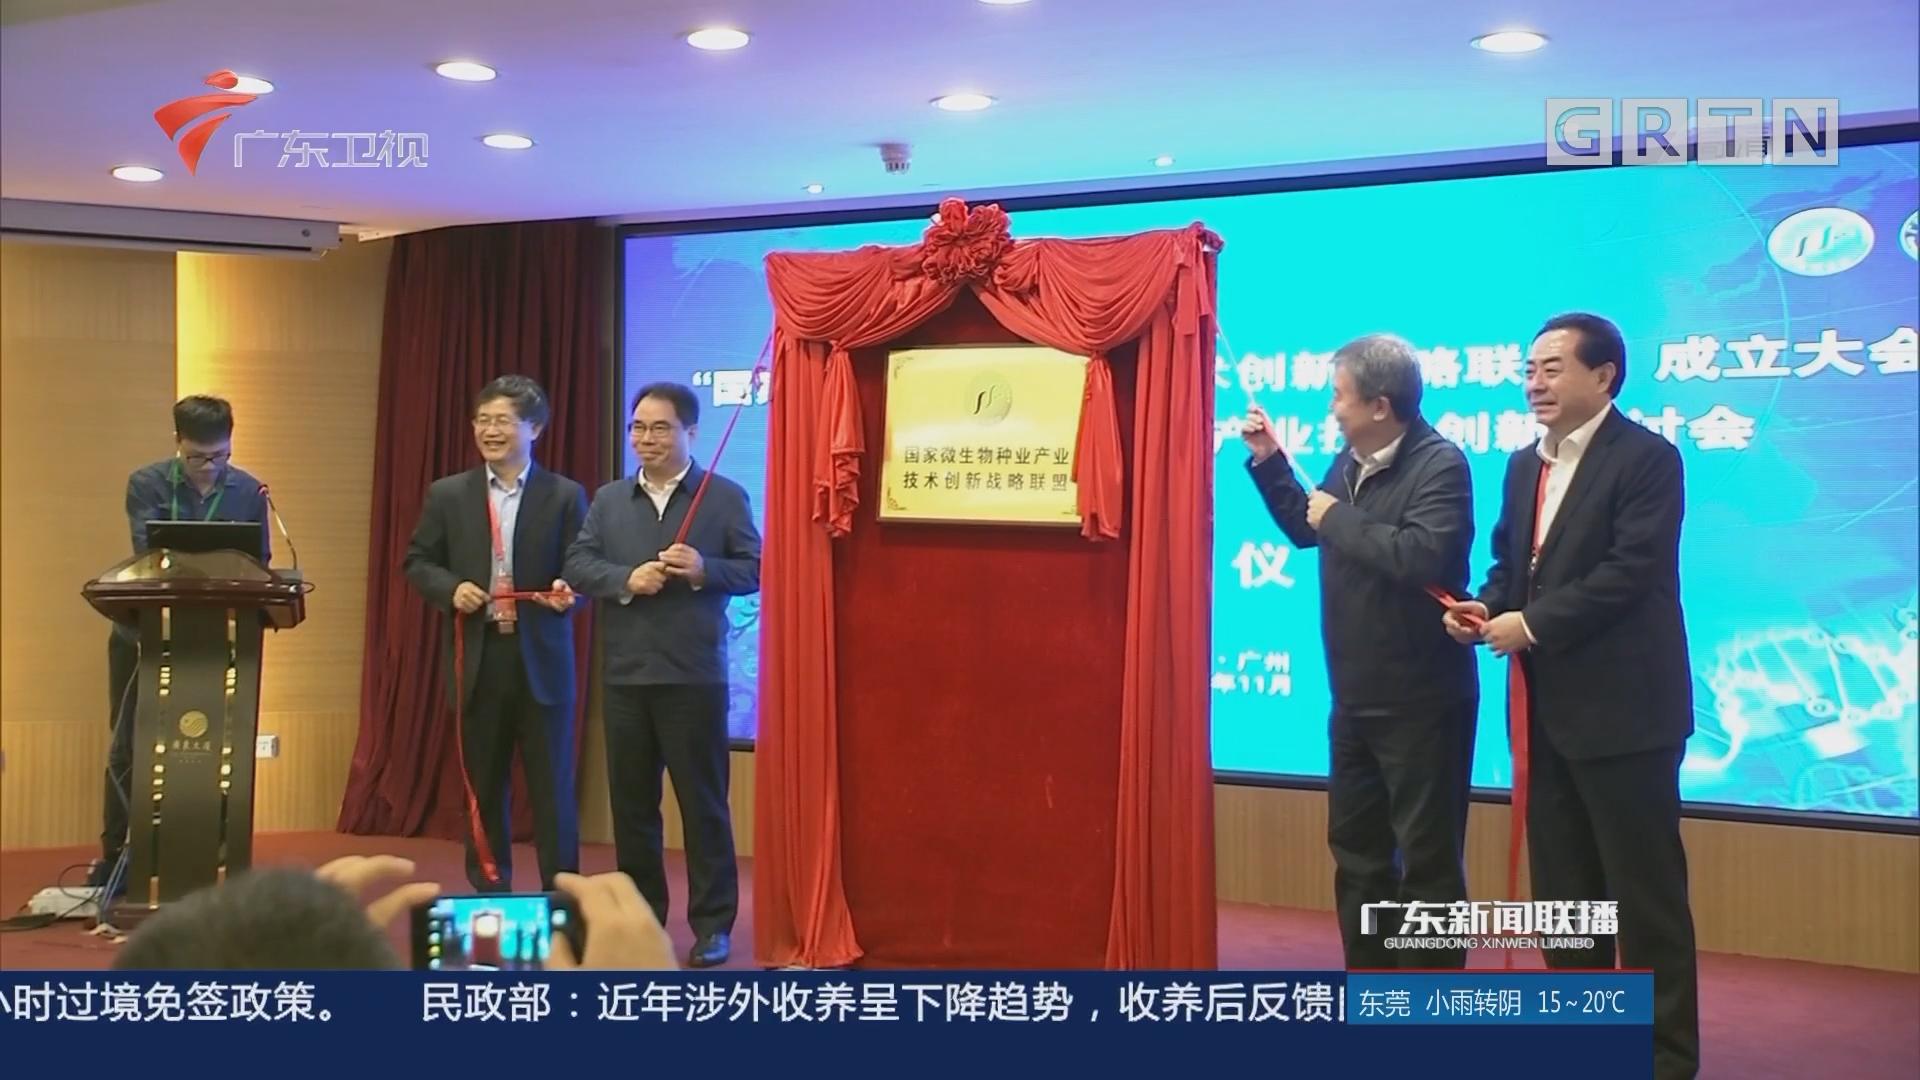 国家微生物种业产业技术创新战略联盟成立大会在广州召开